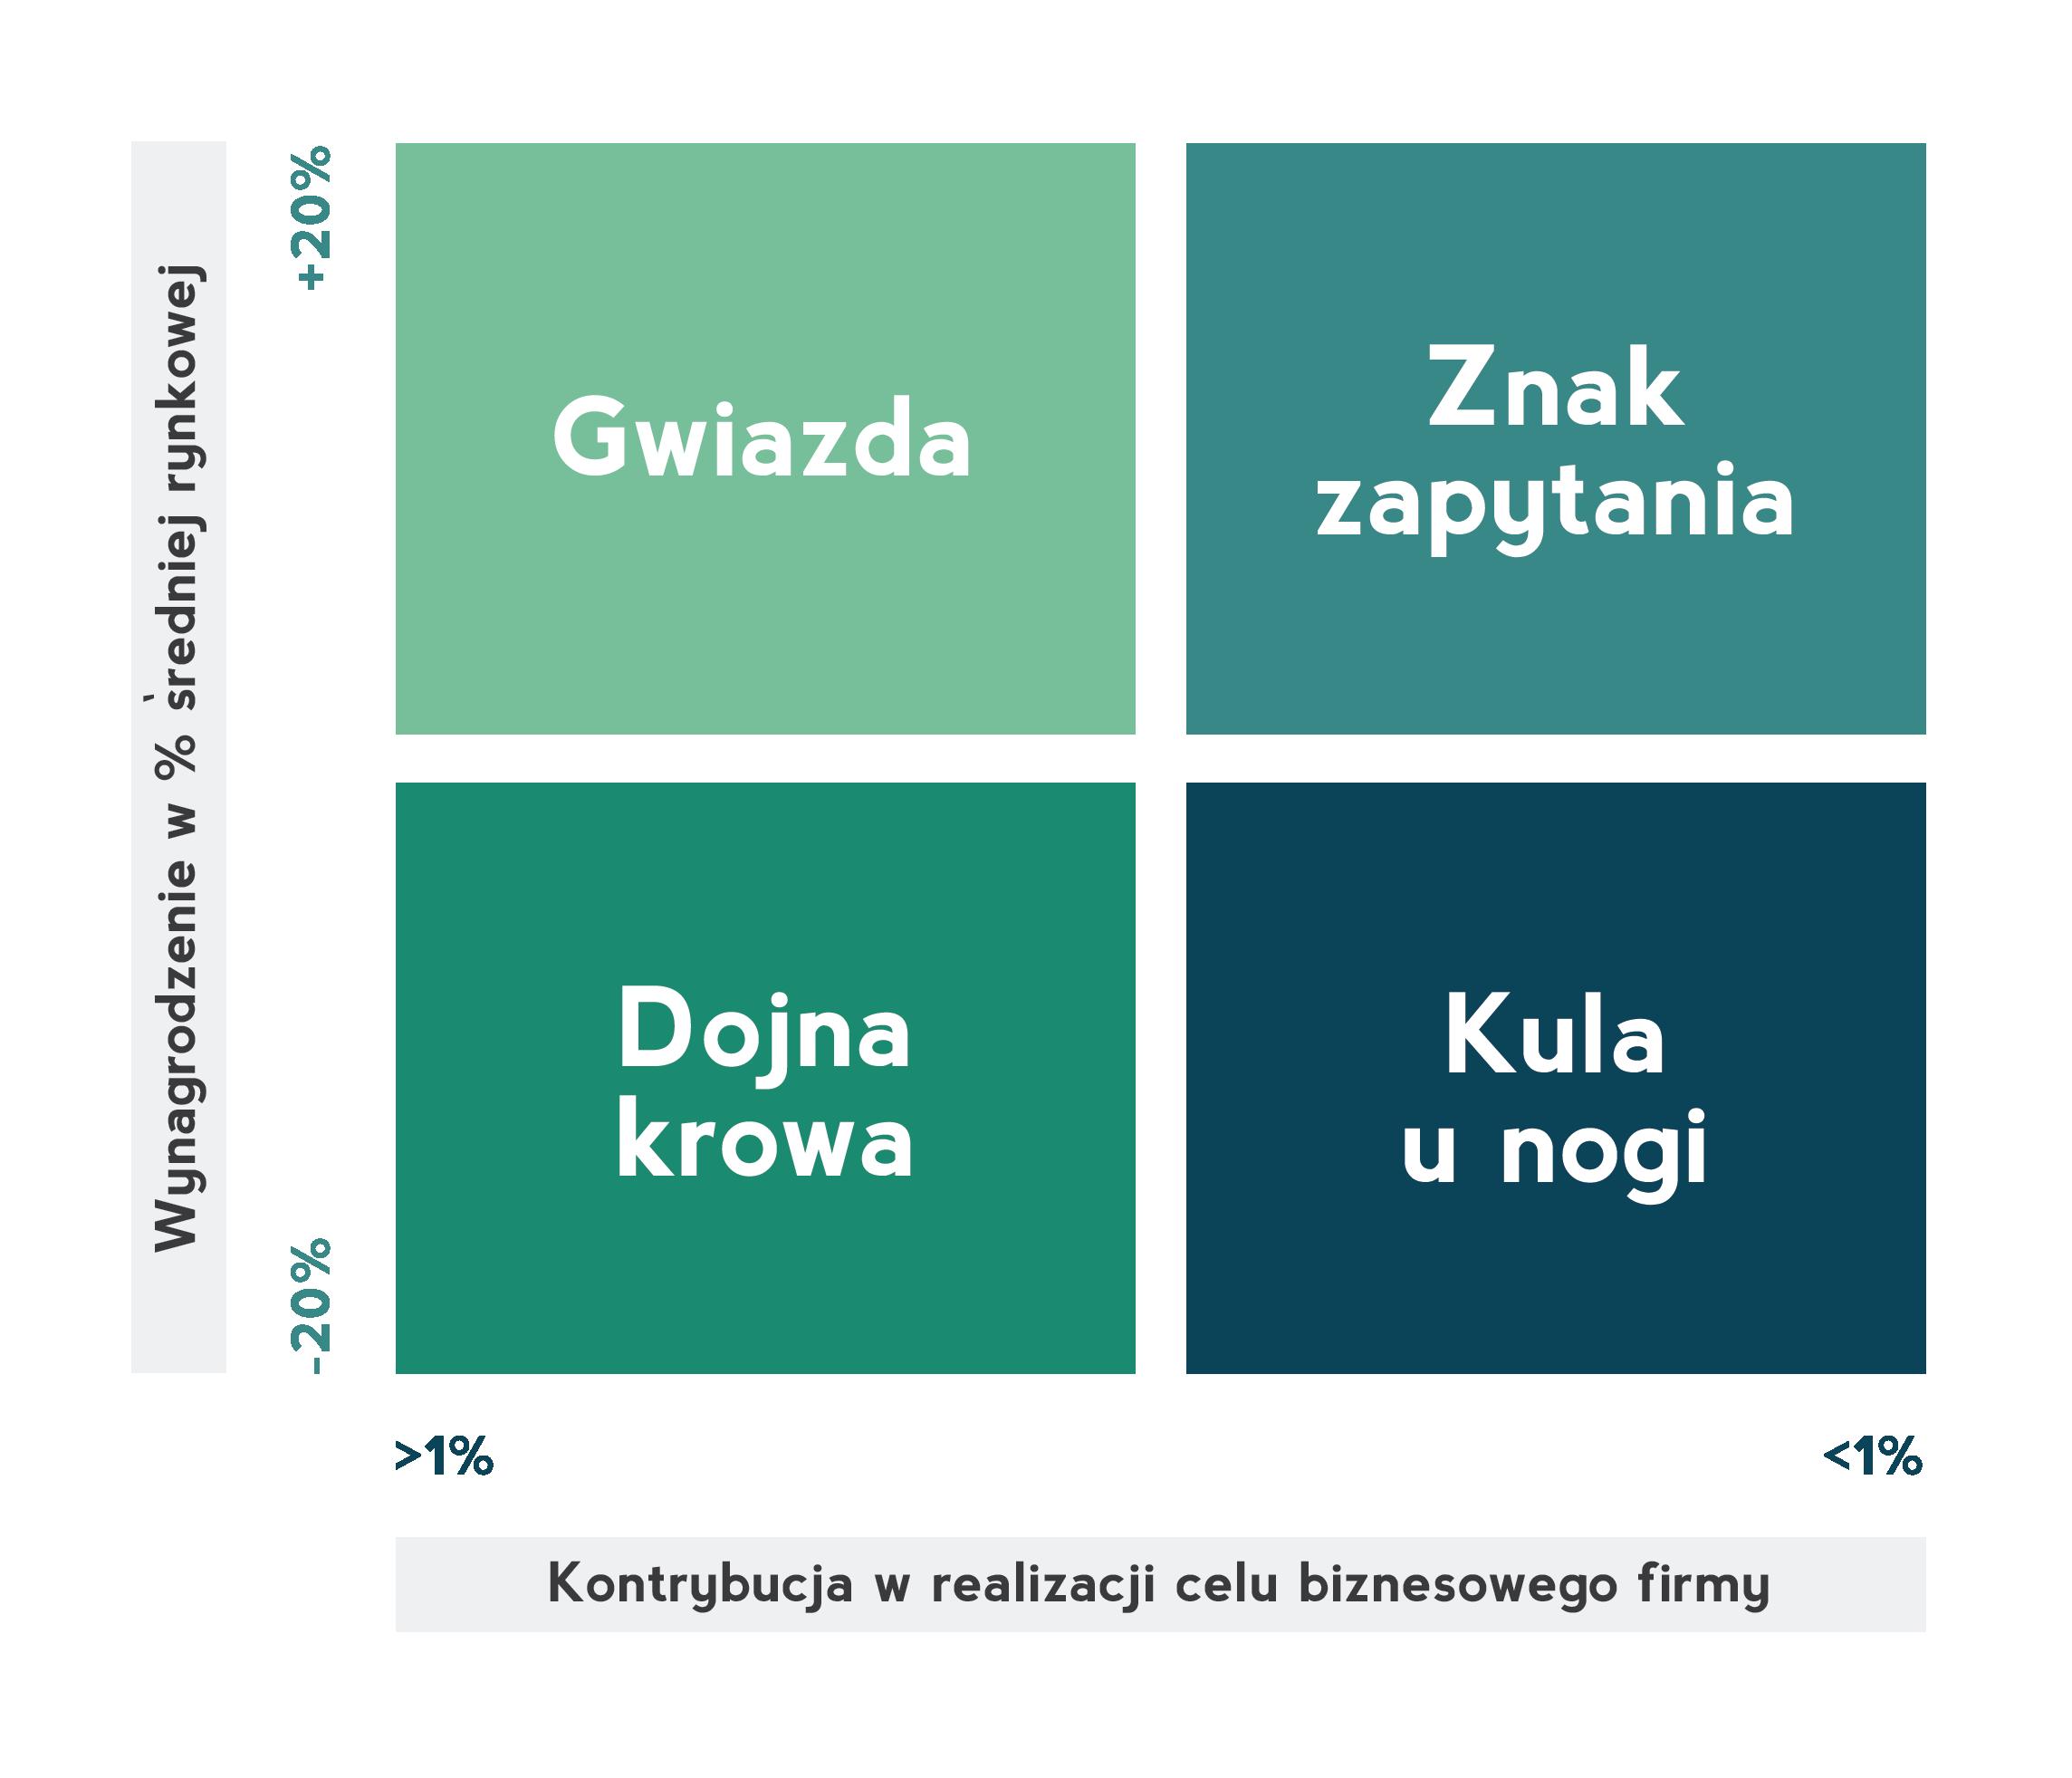 Qumak_grafika